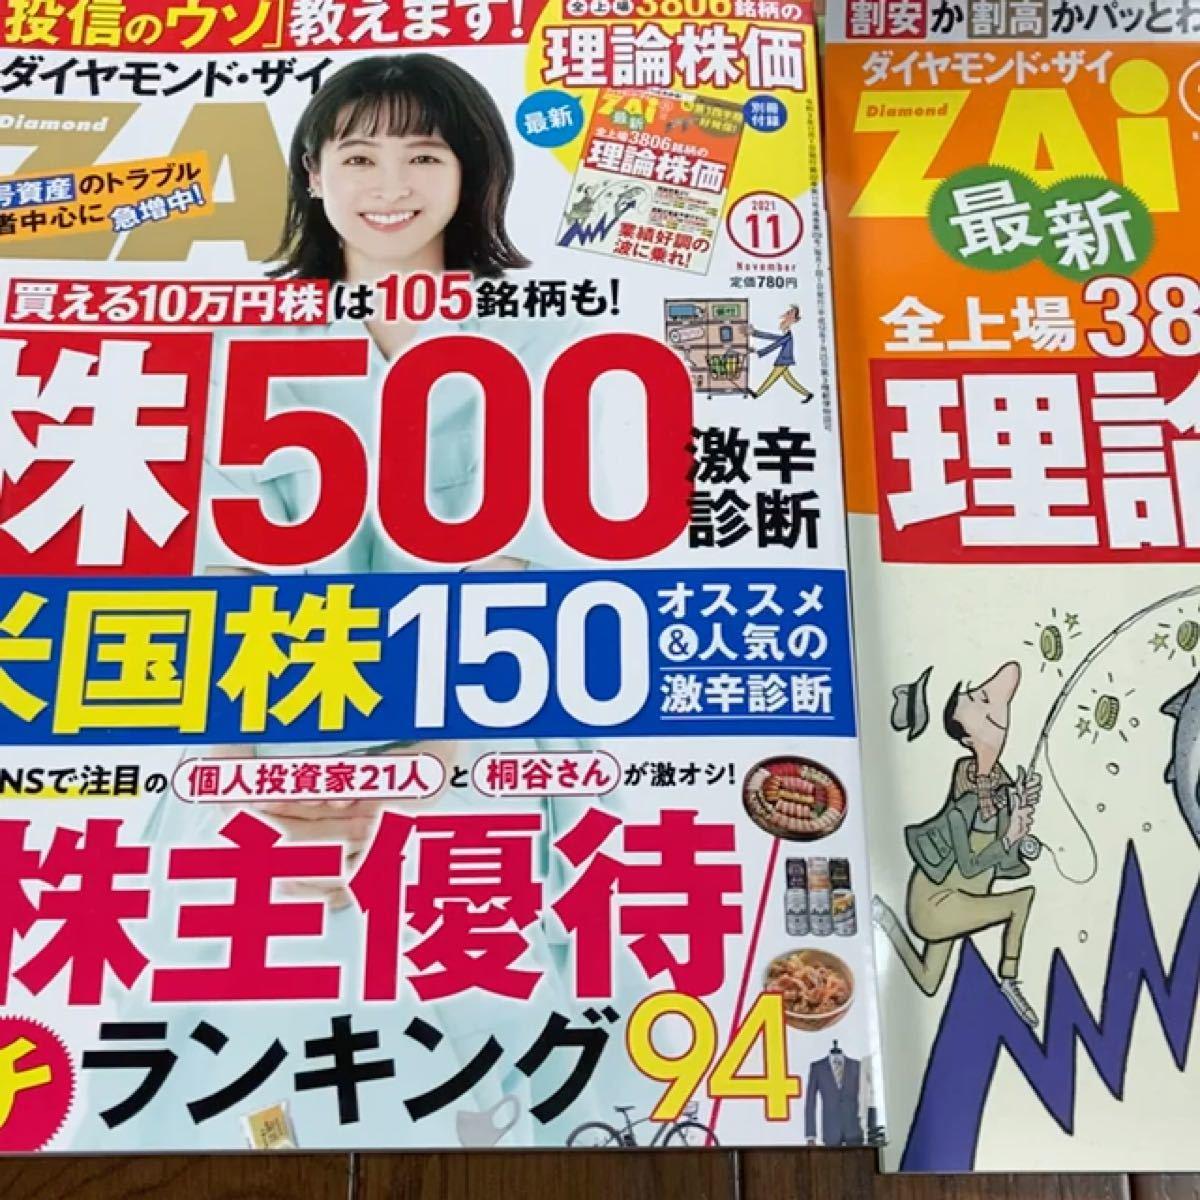 ダイヤモンド・ザイ11月号 米国株 株主優待ガチランキング